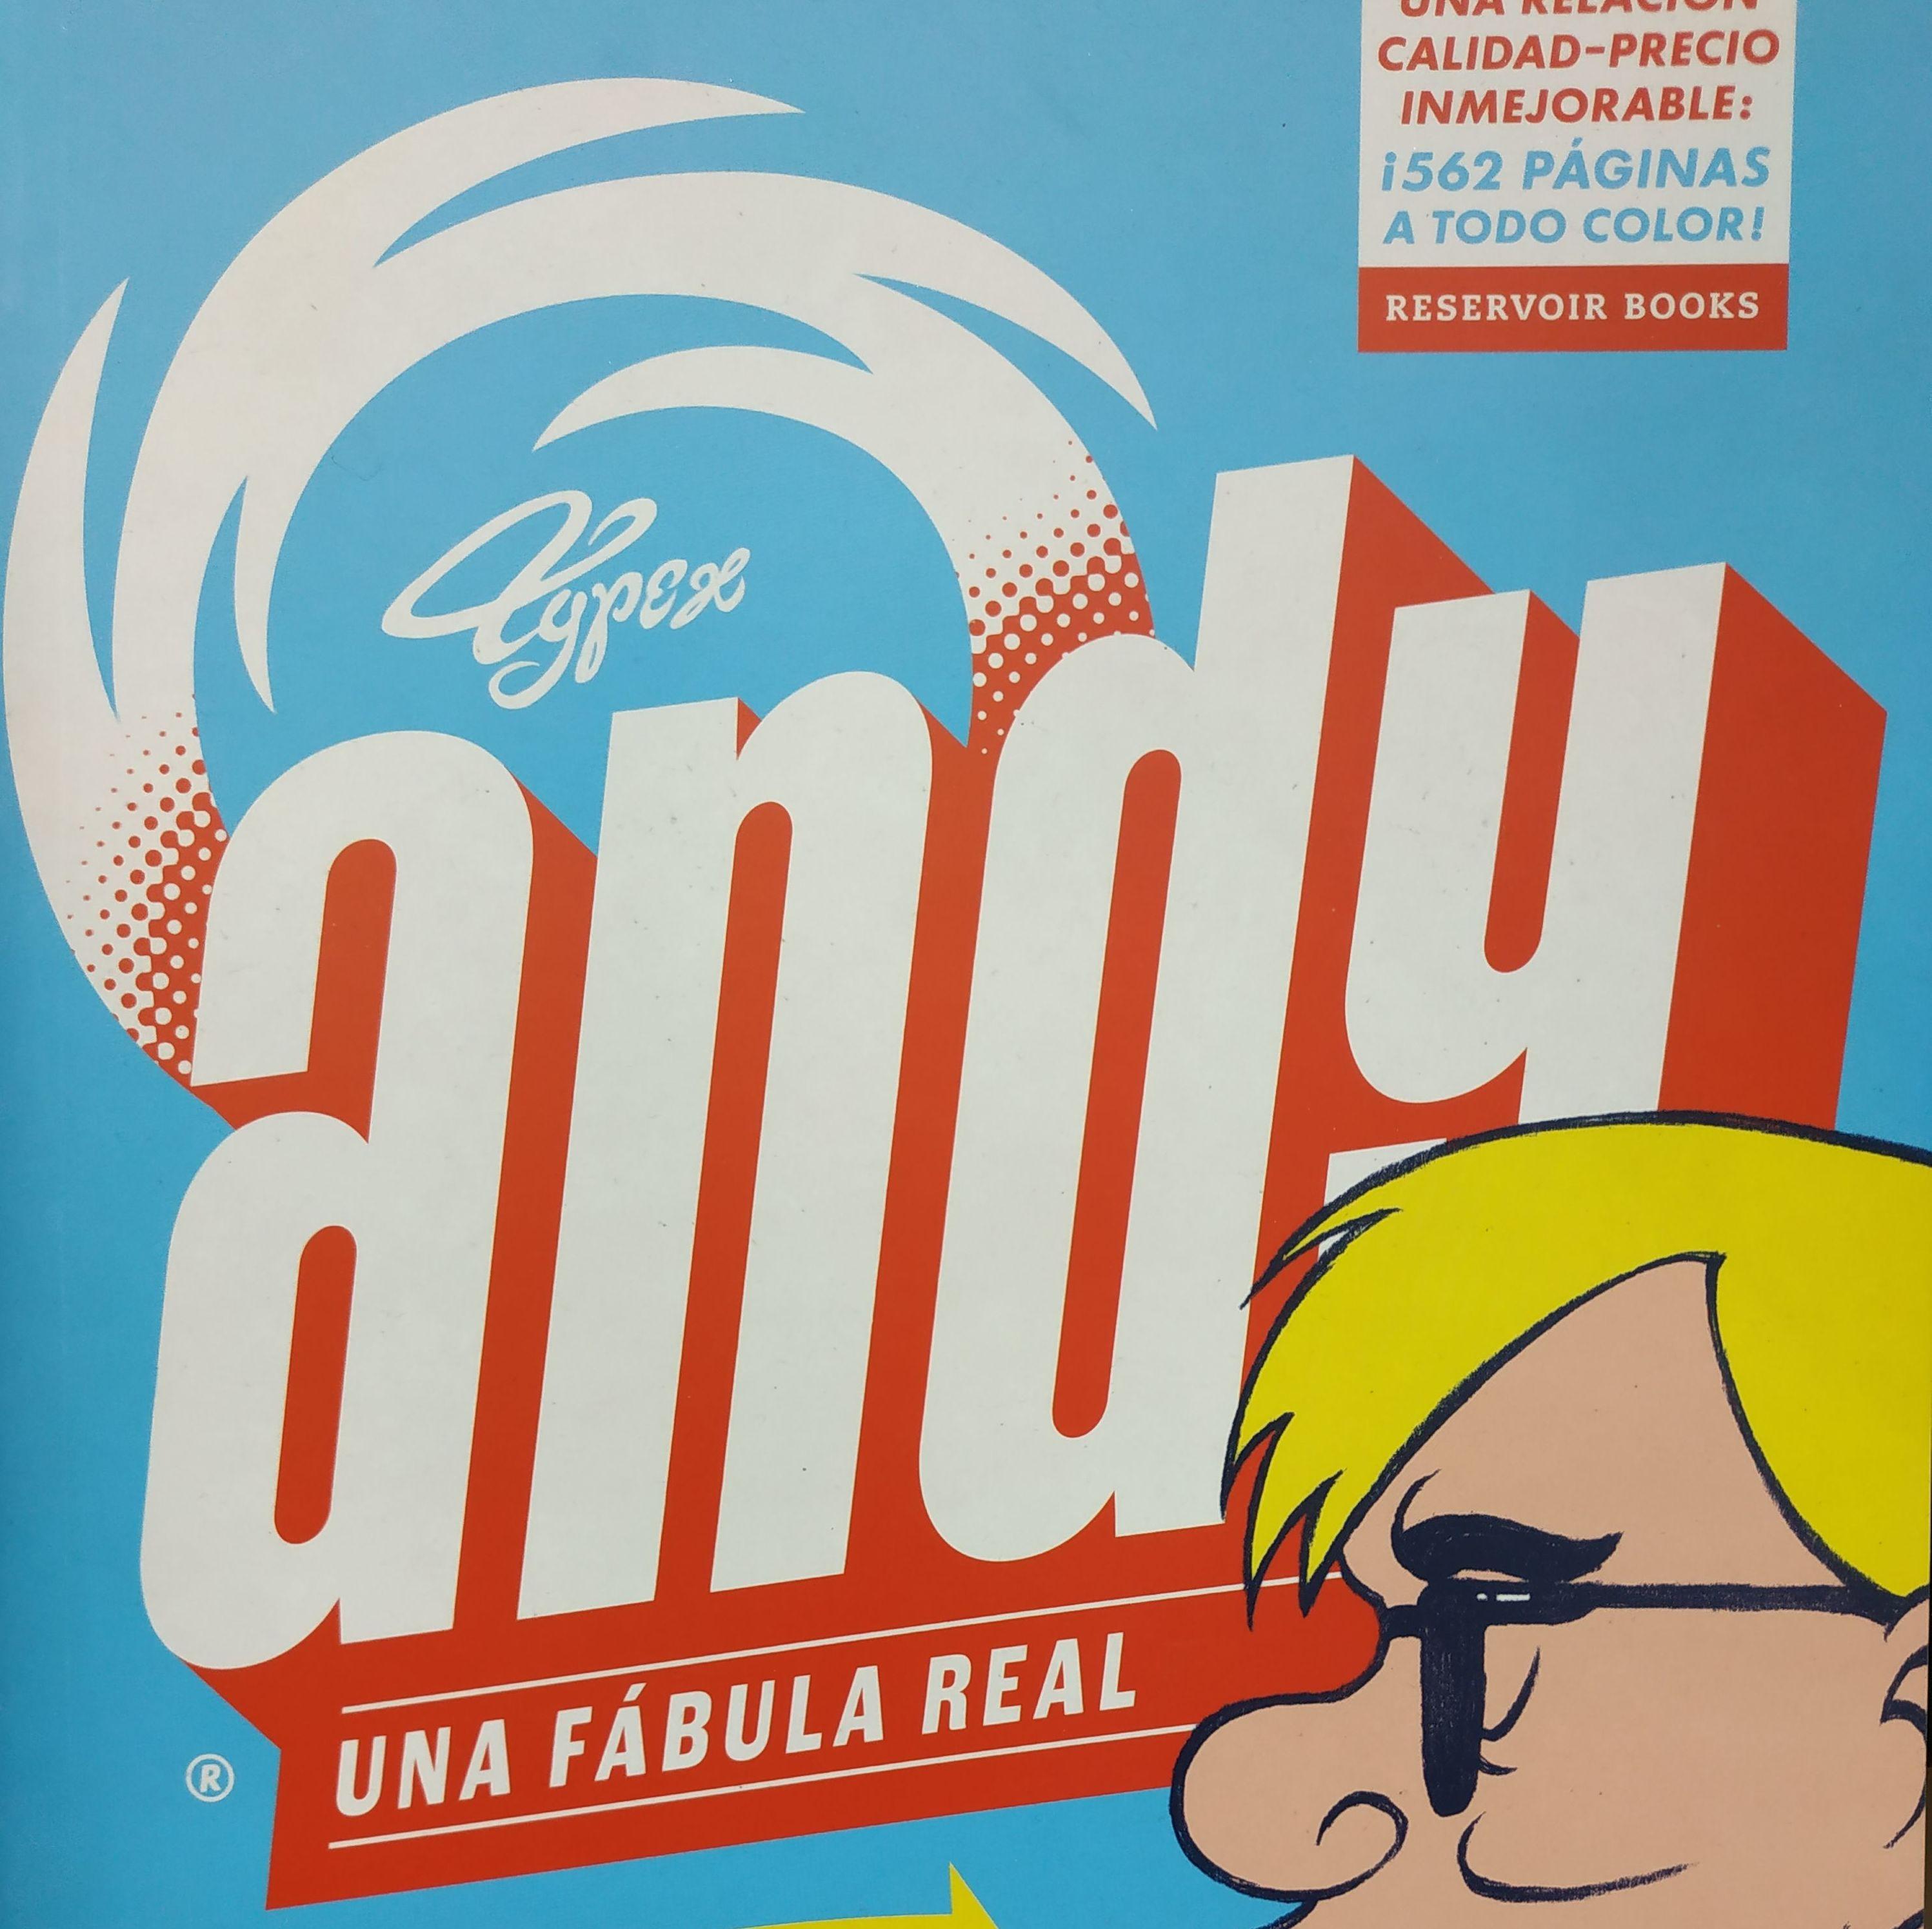 ANDY. UNA FÁBULA REAL: SECCIONES de Librería Nueva Plaza Universitaria